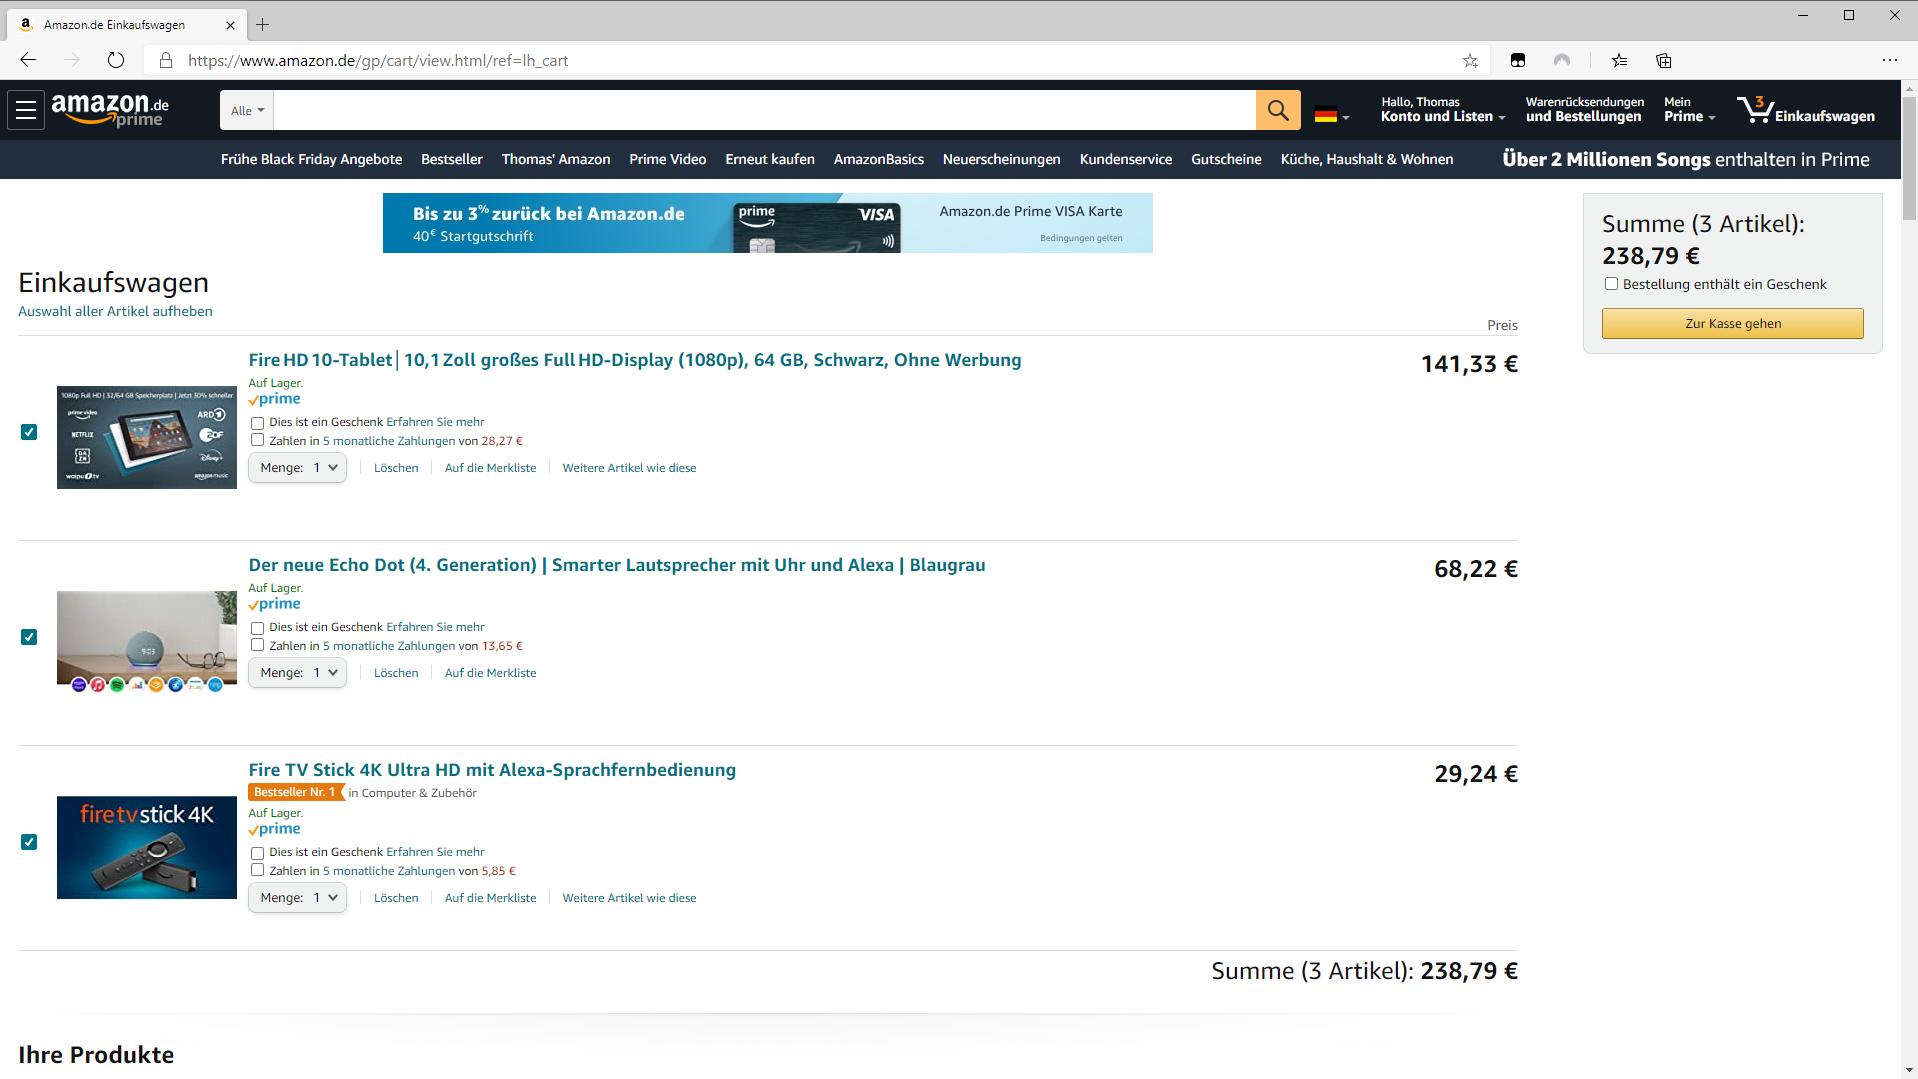 Amazon Warenkorb wiederherstellen: So gelingt es